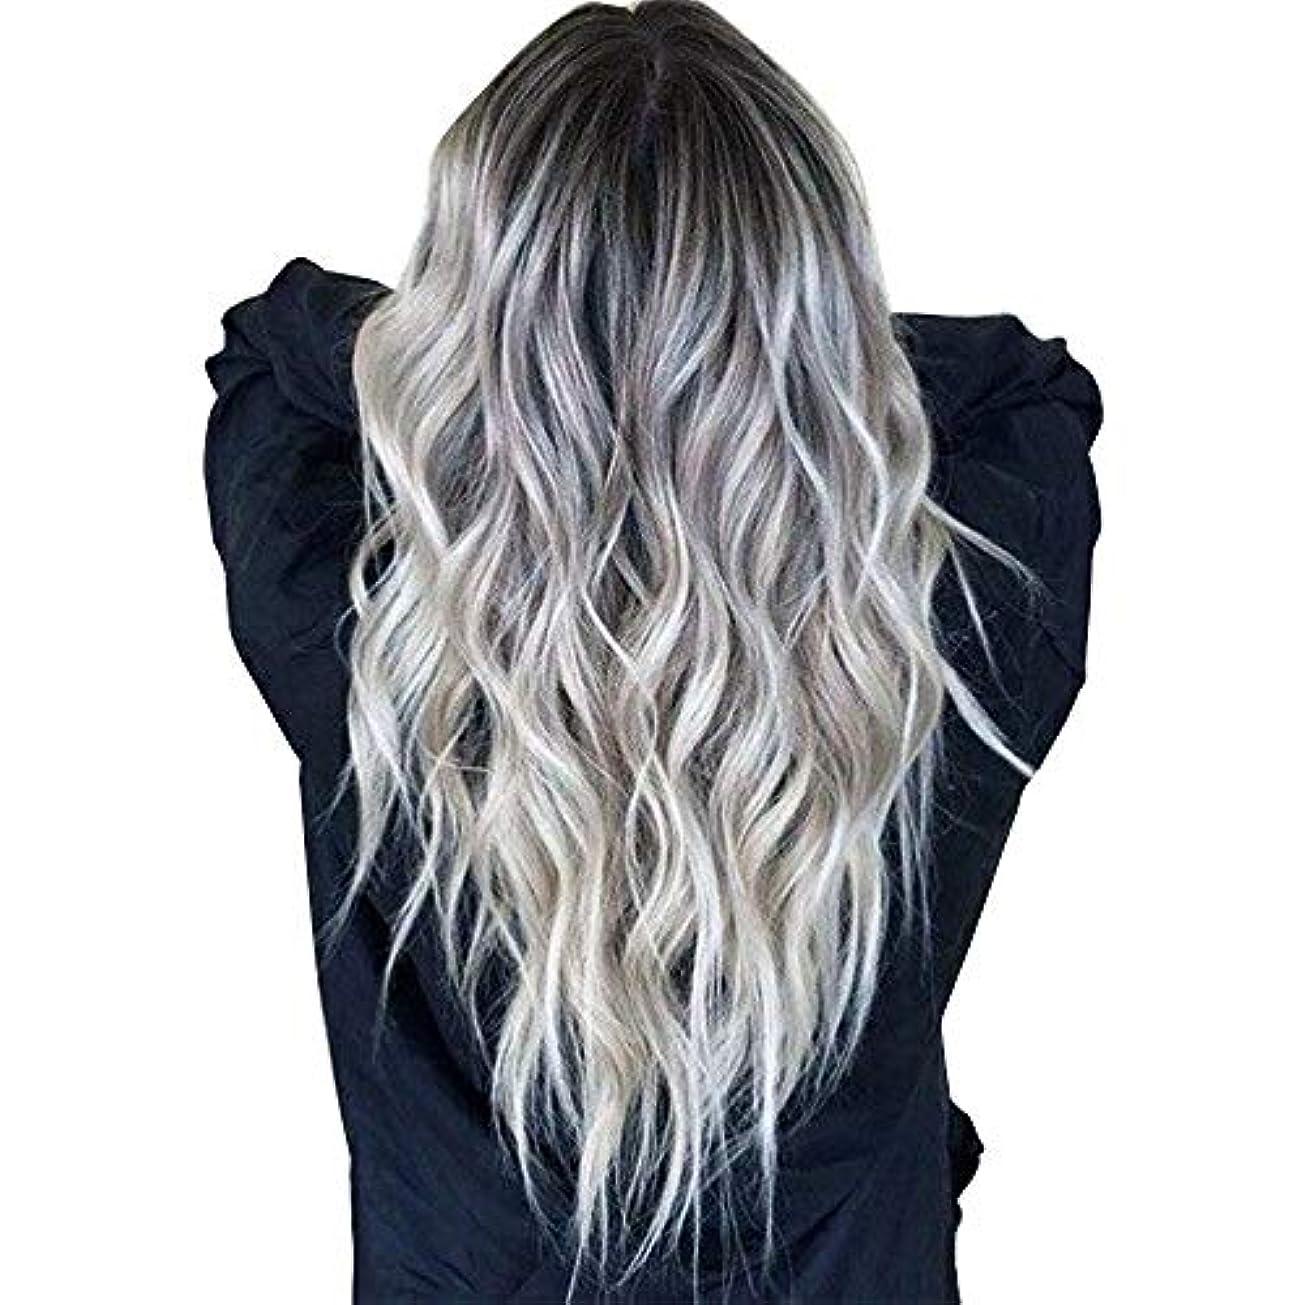 十年絶対に項目ウィッグキャップかつらで長いファンシードレスカールウィッグ高品質の人工毛髪コスプレ高密度ウィッグ女性と女の子のためのかつら27.5インチv